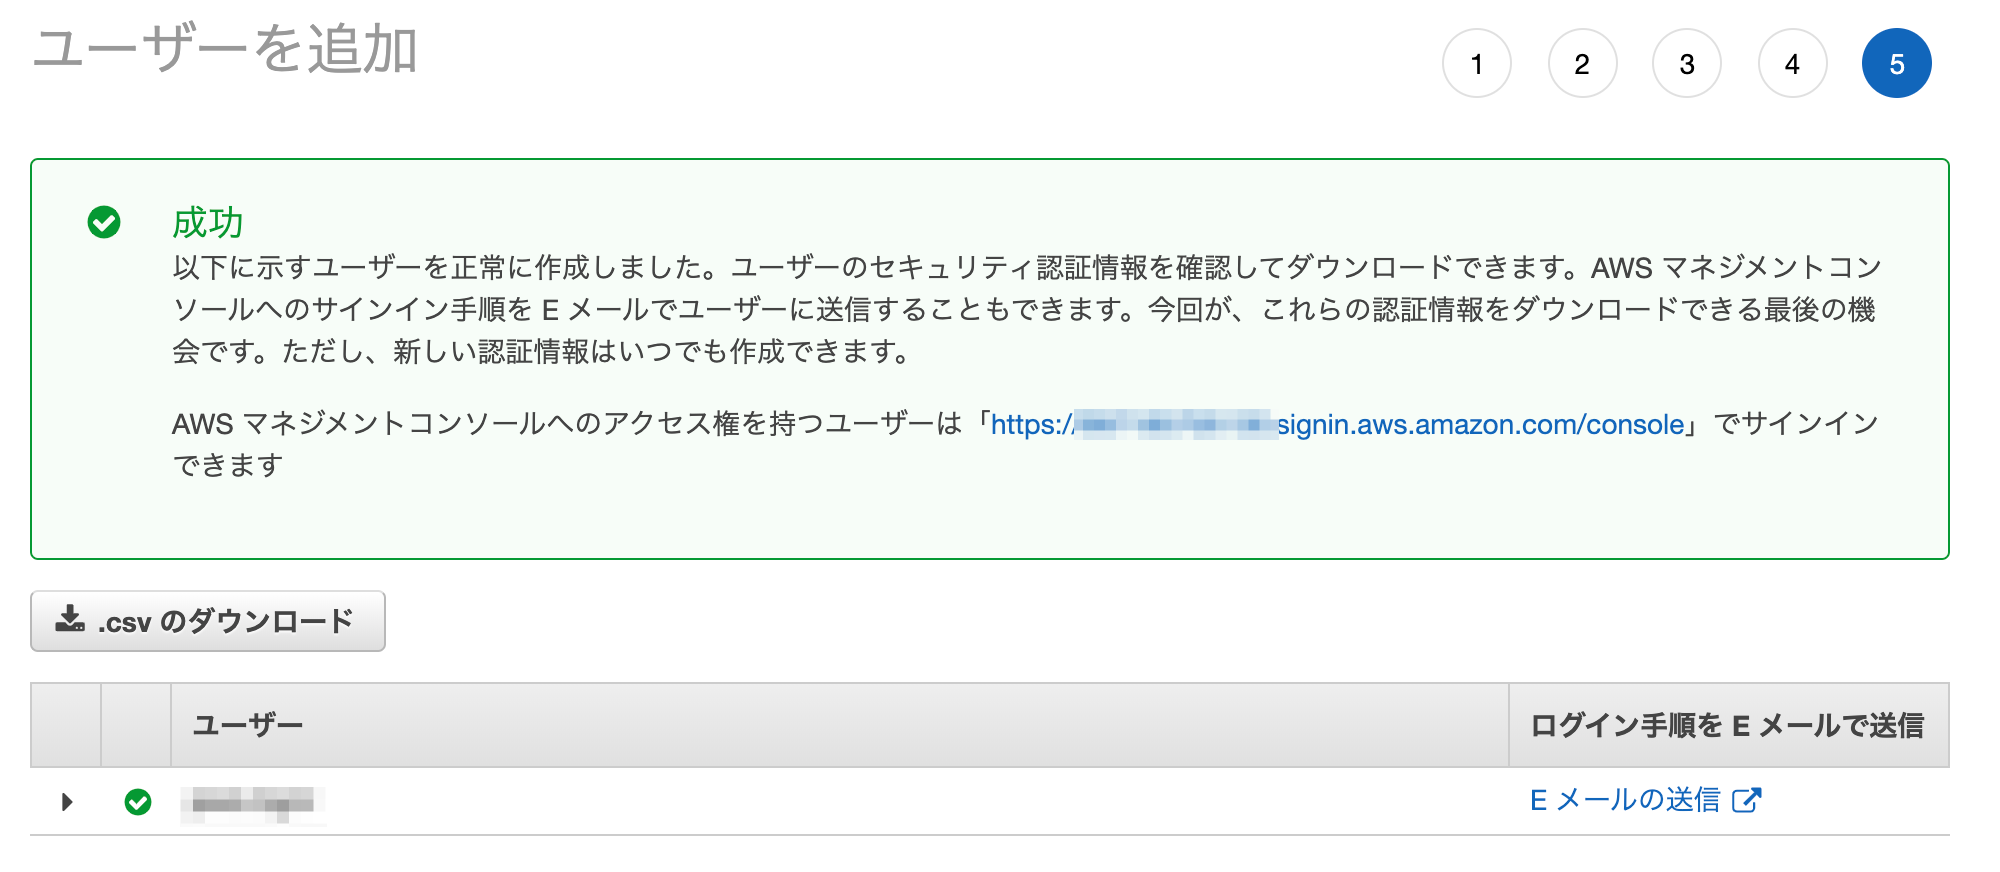 スクリーンショット_2020-01-14_14_53_26.png